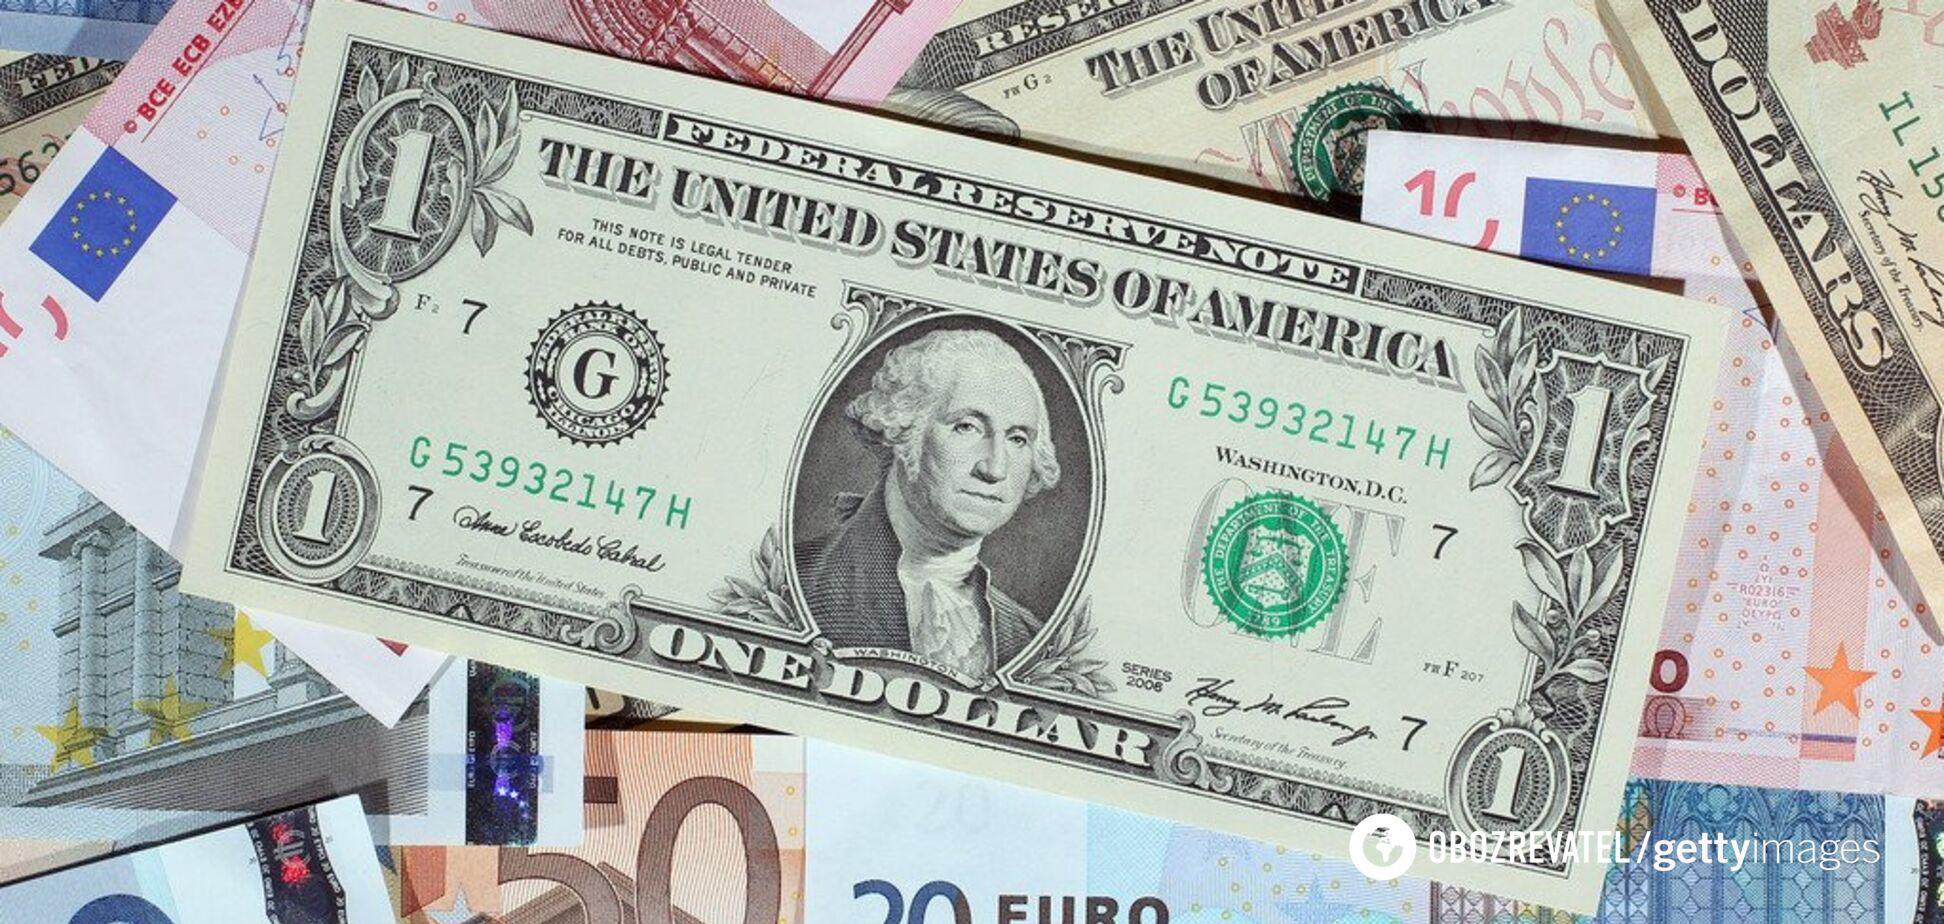 Рай для иностранцев: экономист показал, как менялись украинские цены в долларах